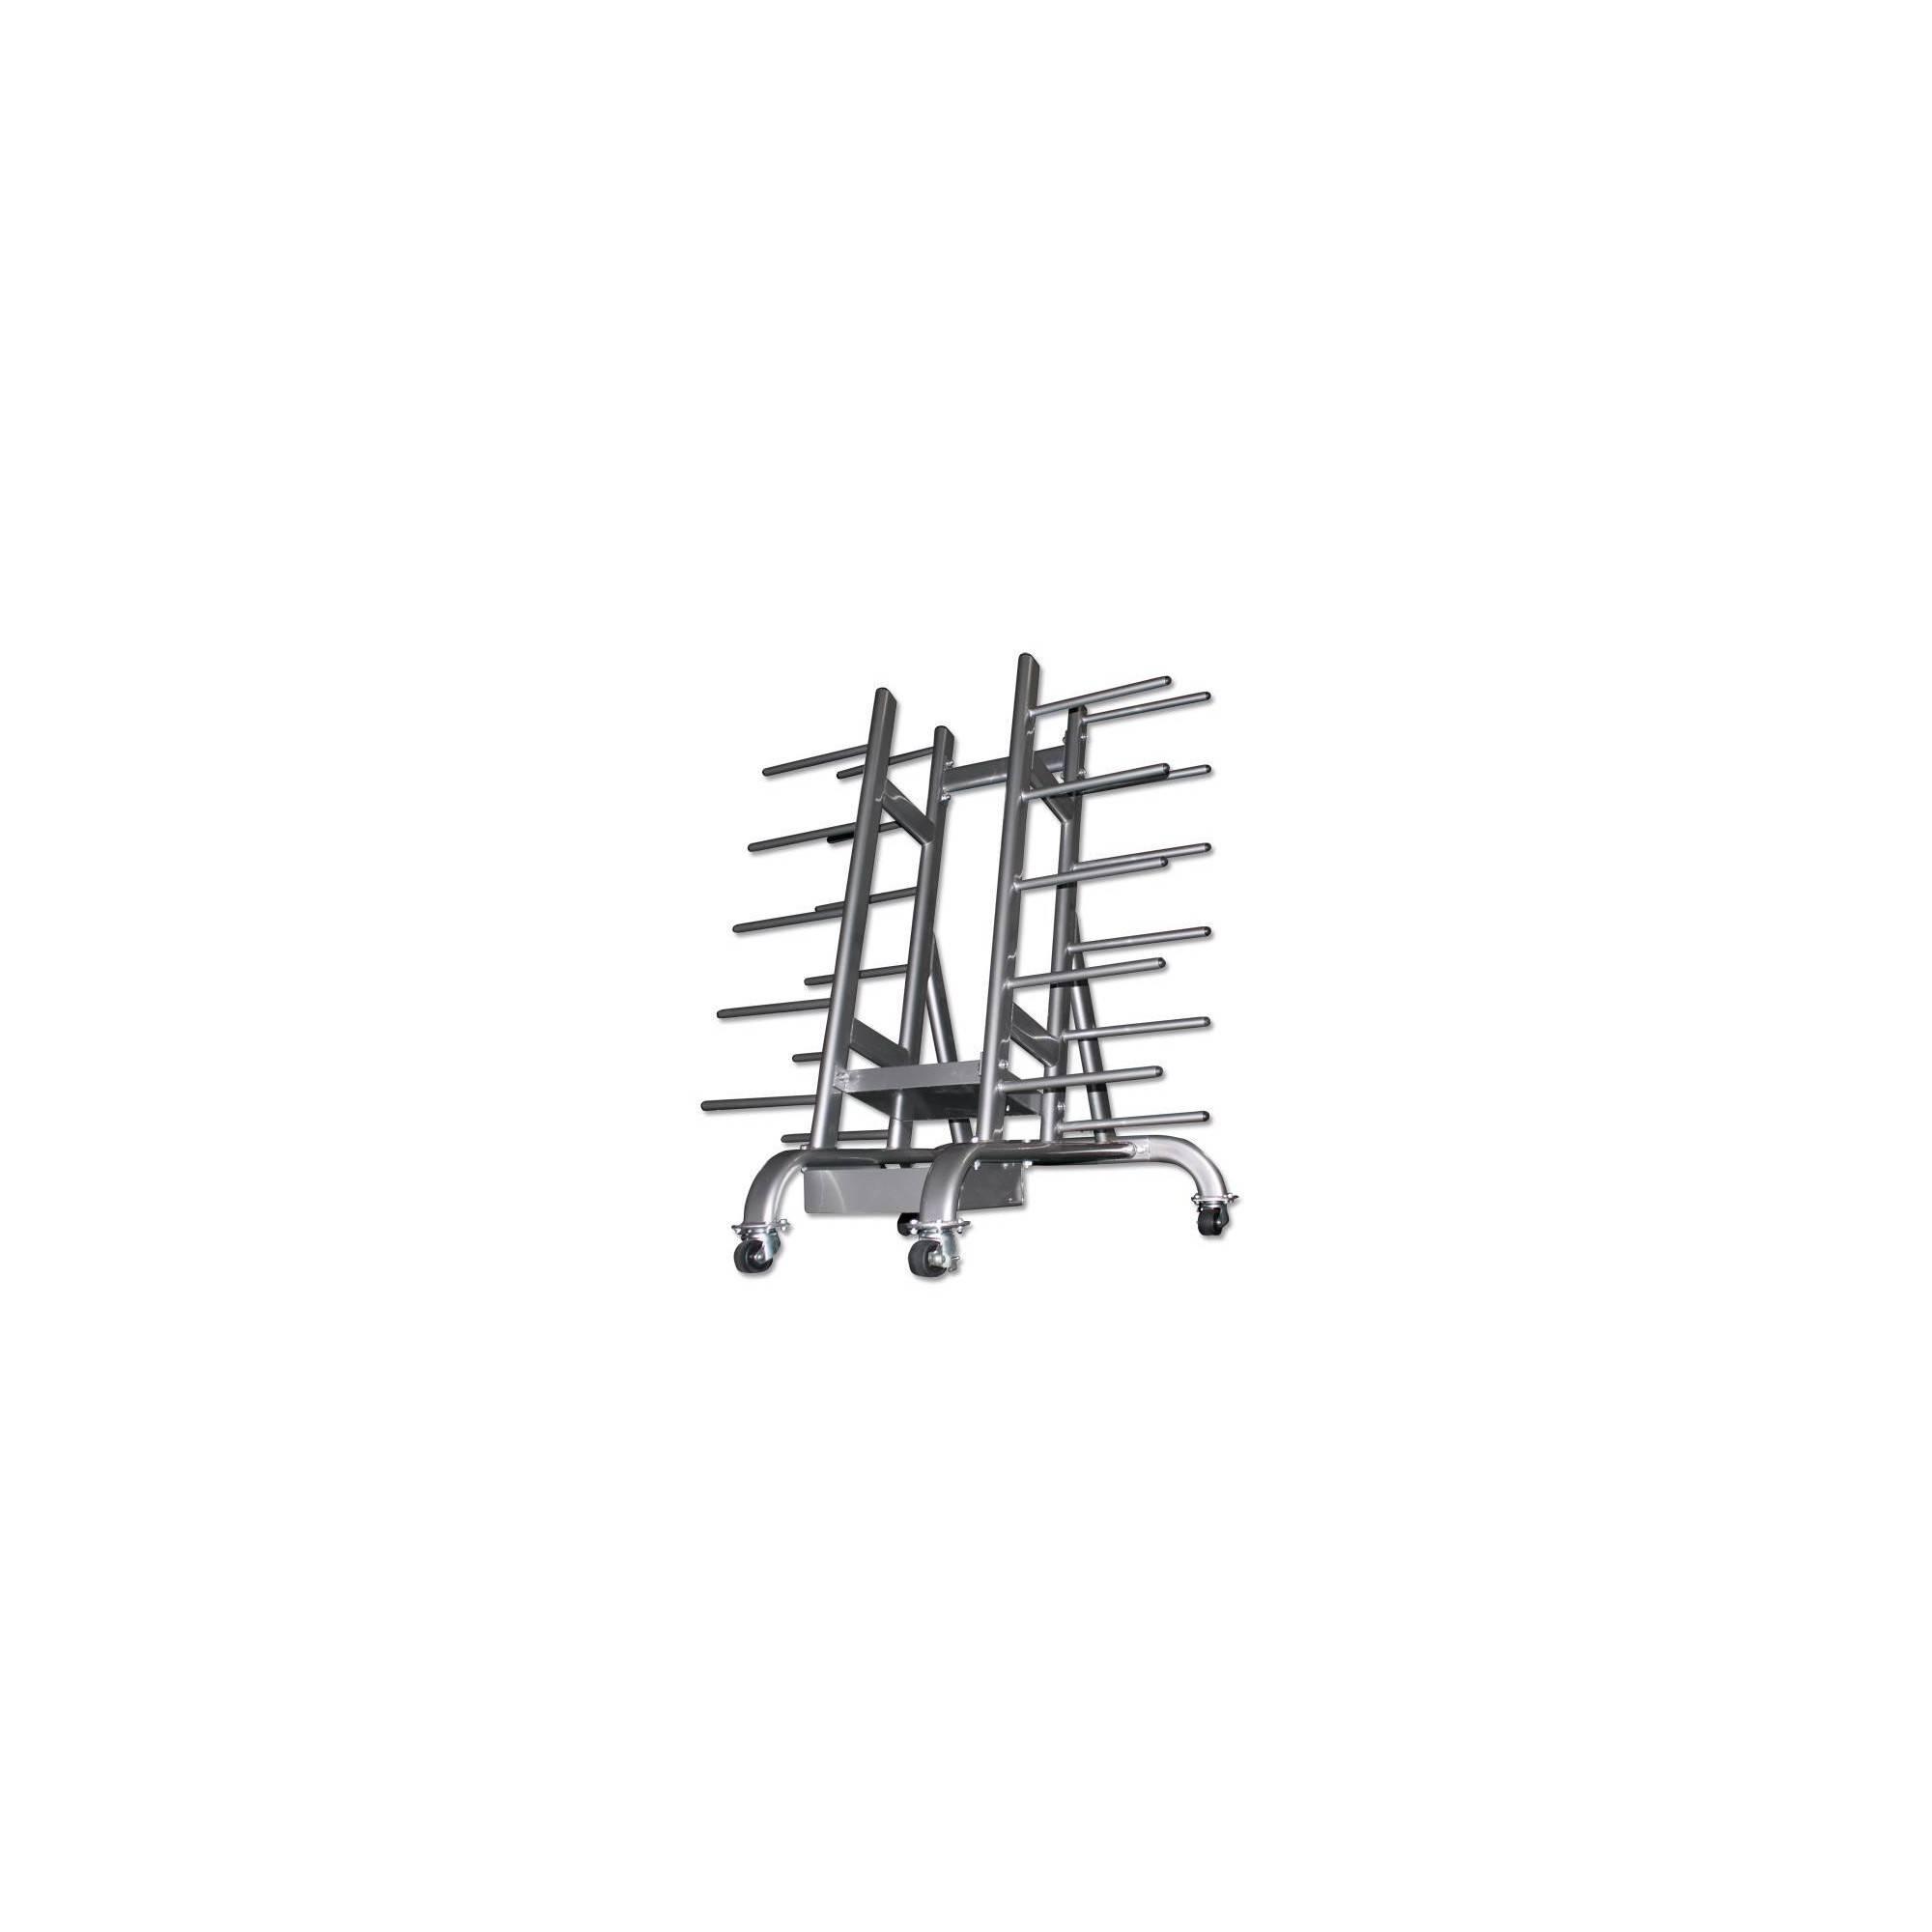 Stojak na zestawy body pump Ironsports R-3090 silver | na 30 zestawów,producent: IRONSPORTS, zdjecie photo: 2 | online shop klub